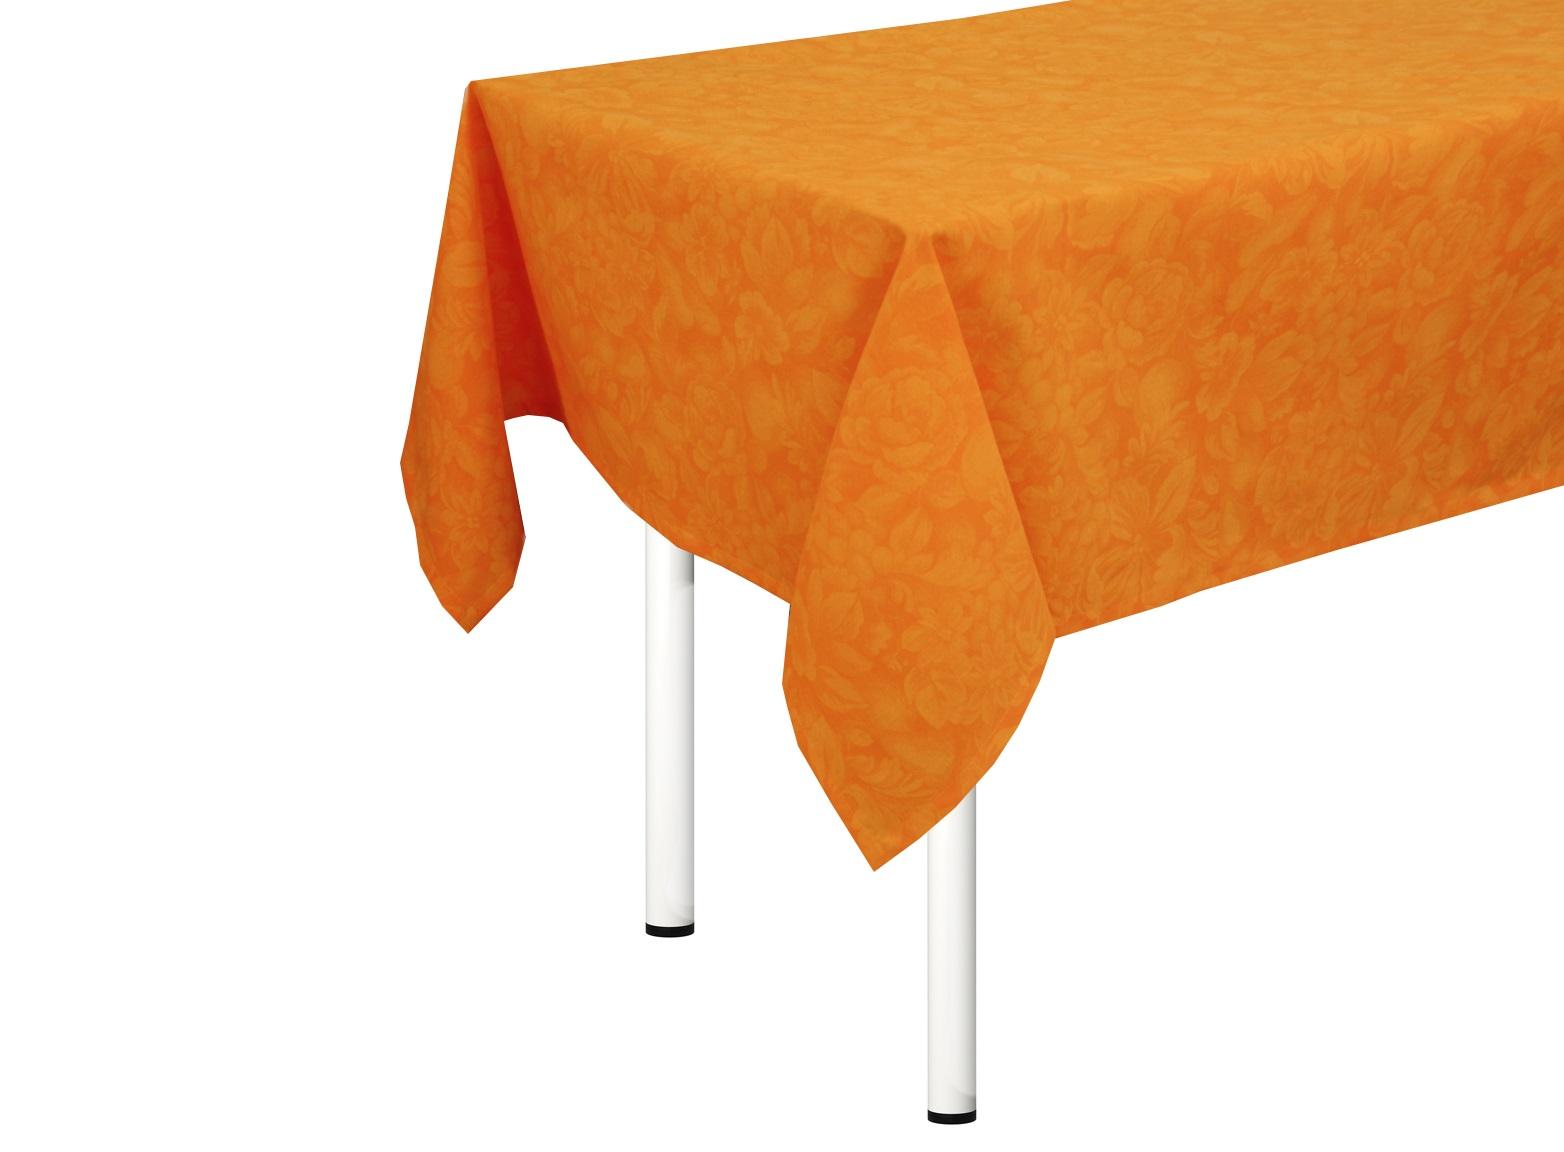 Скатерть Lorret GaudyСкатерти<br>Скатерть на стол. Подойдет для создания хорошего настроения. Яркий дизайн. Ткань прочная ,износоустойчивая.<br><br>Material: Хлопок<br>Ширина см: 180<br>Высота см: 130